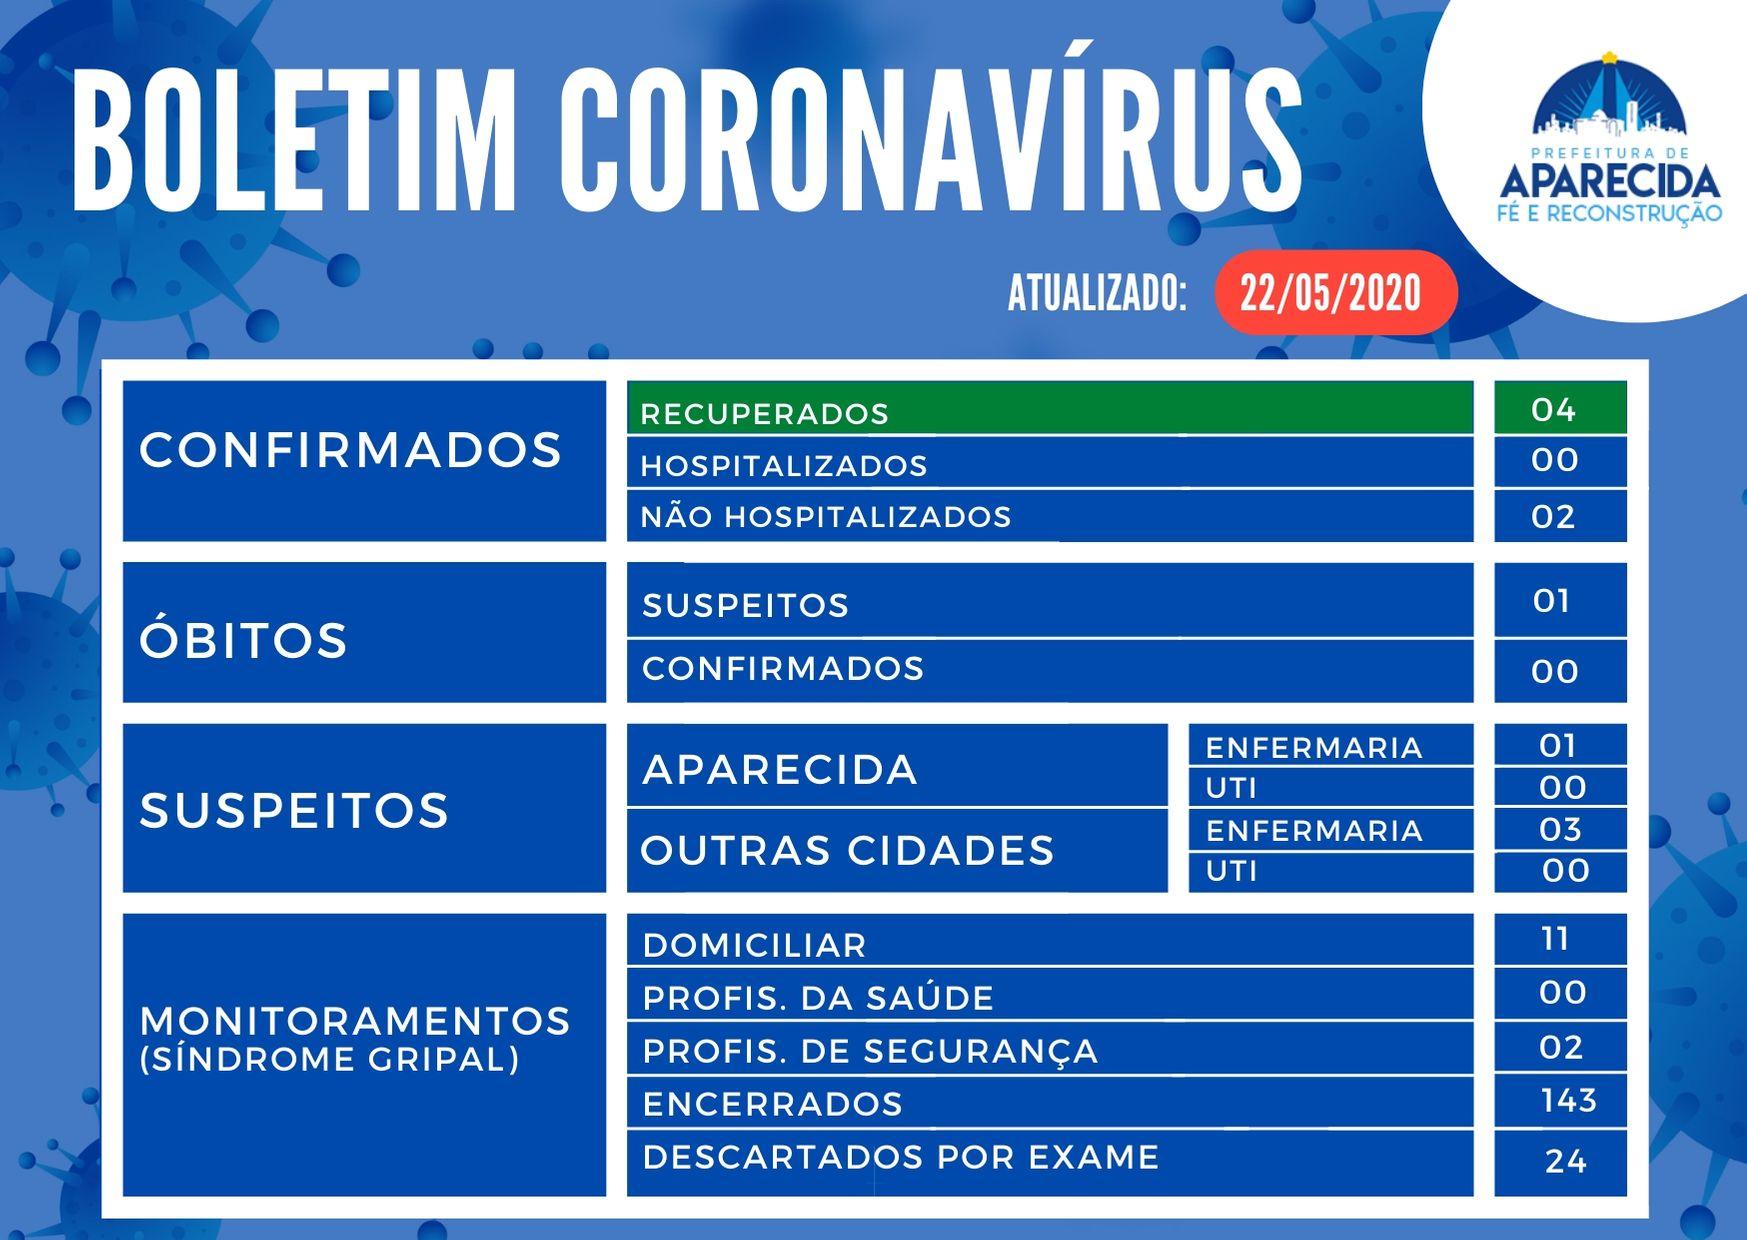 BOLETIM CORONAVÍRUS (8)